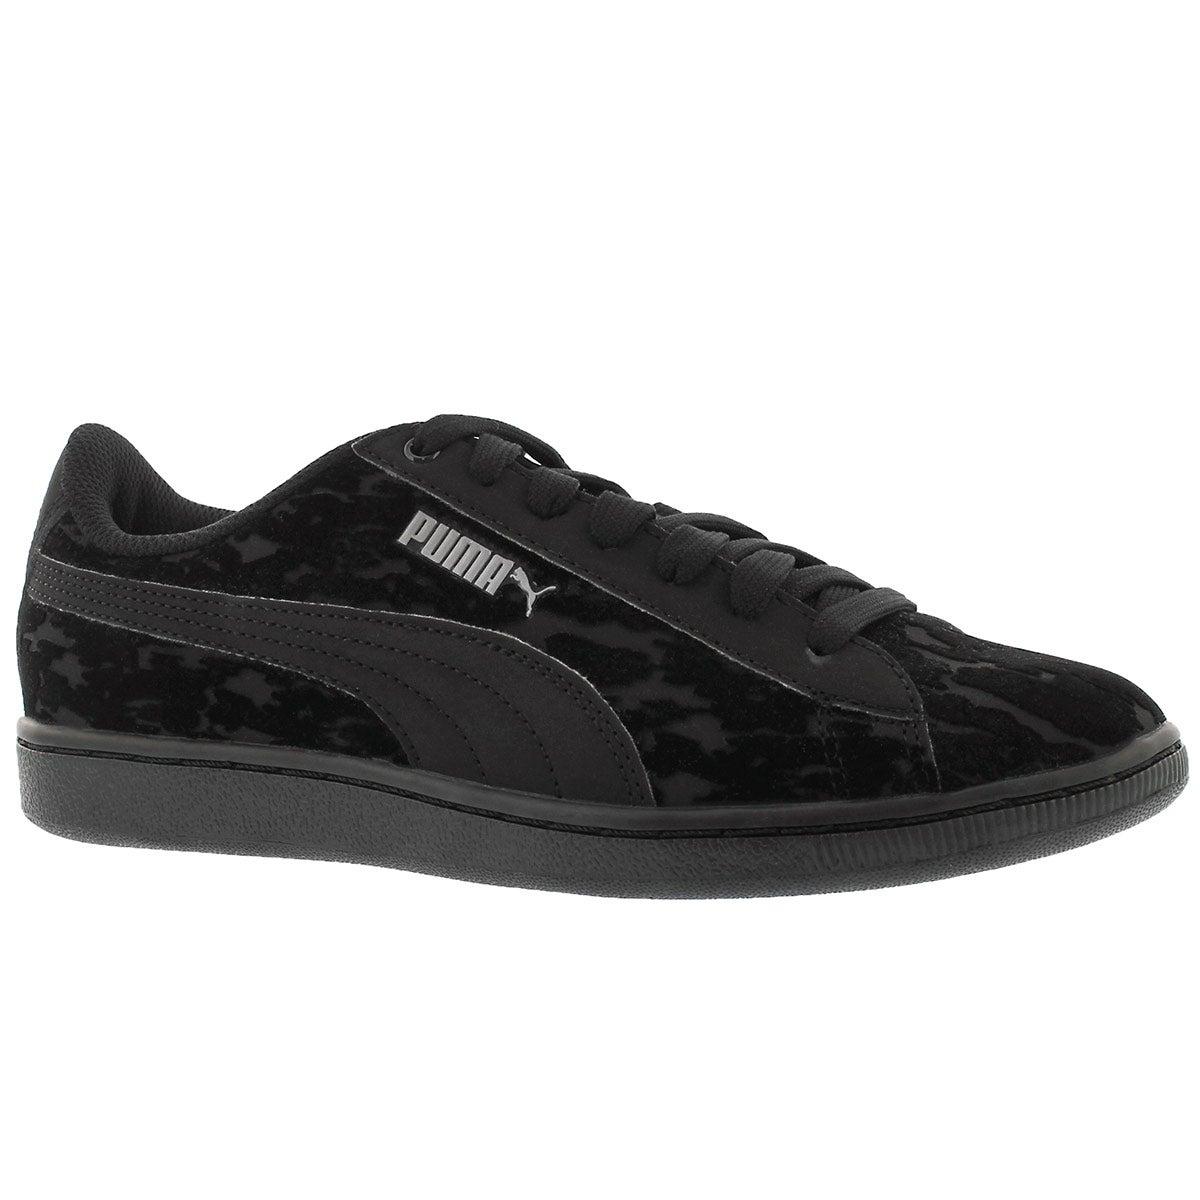 Women's VIKKY VELVET ROPE blk/blk sneakers